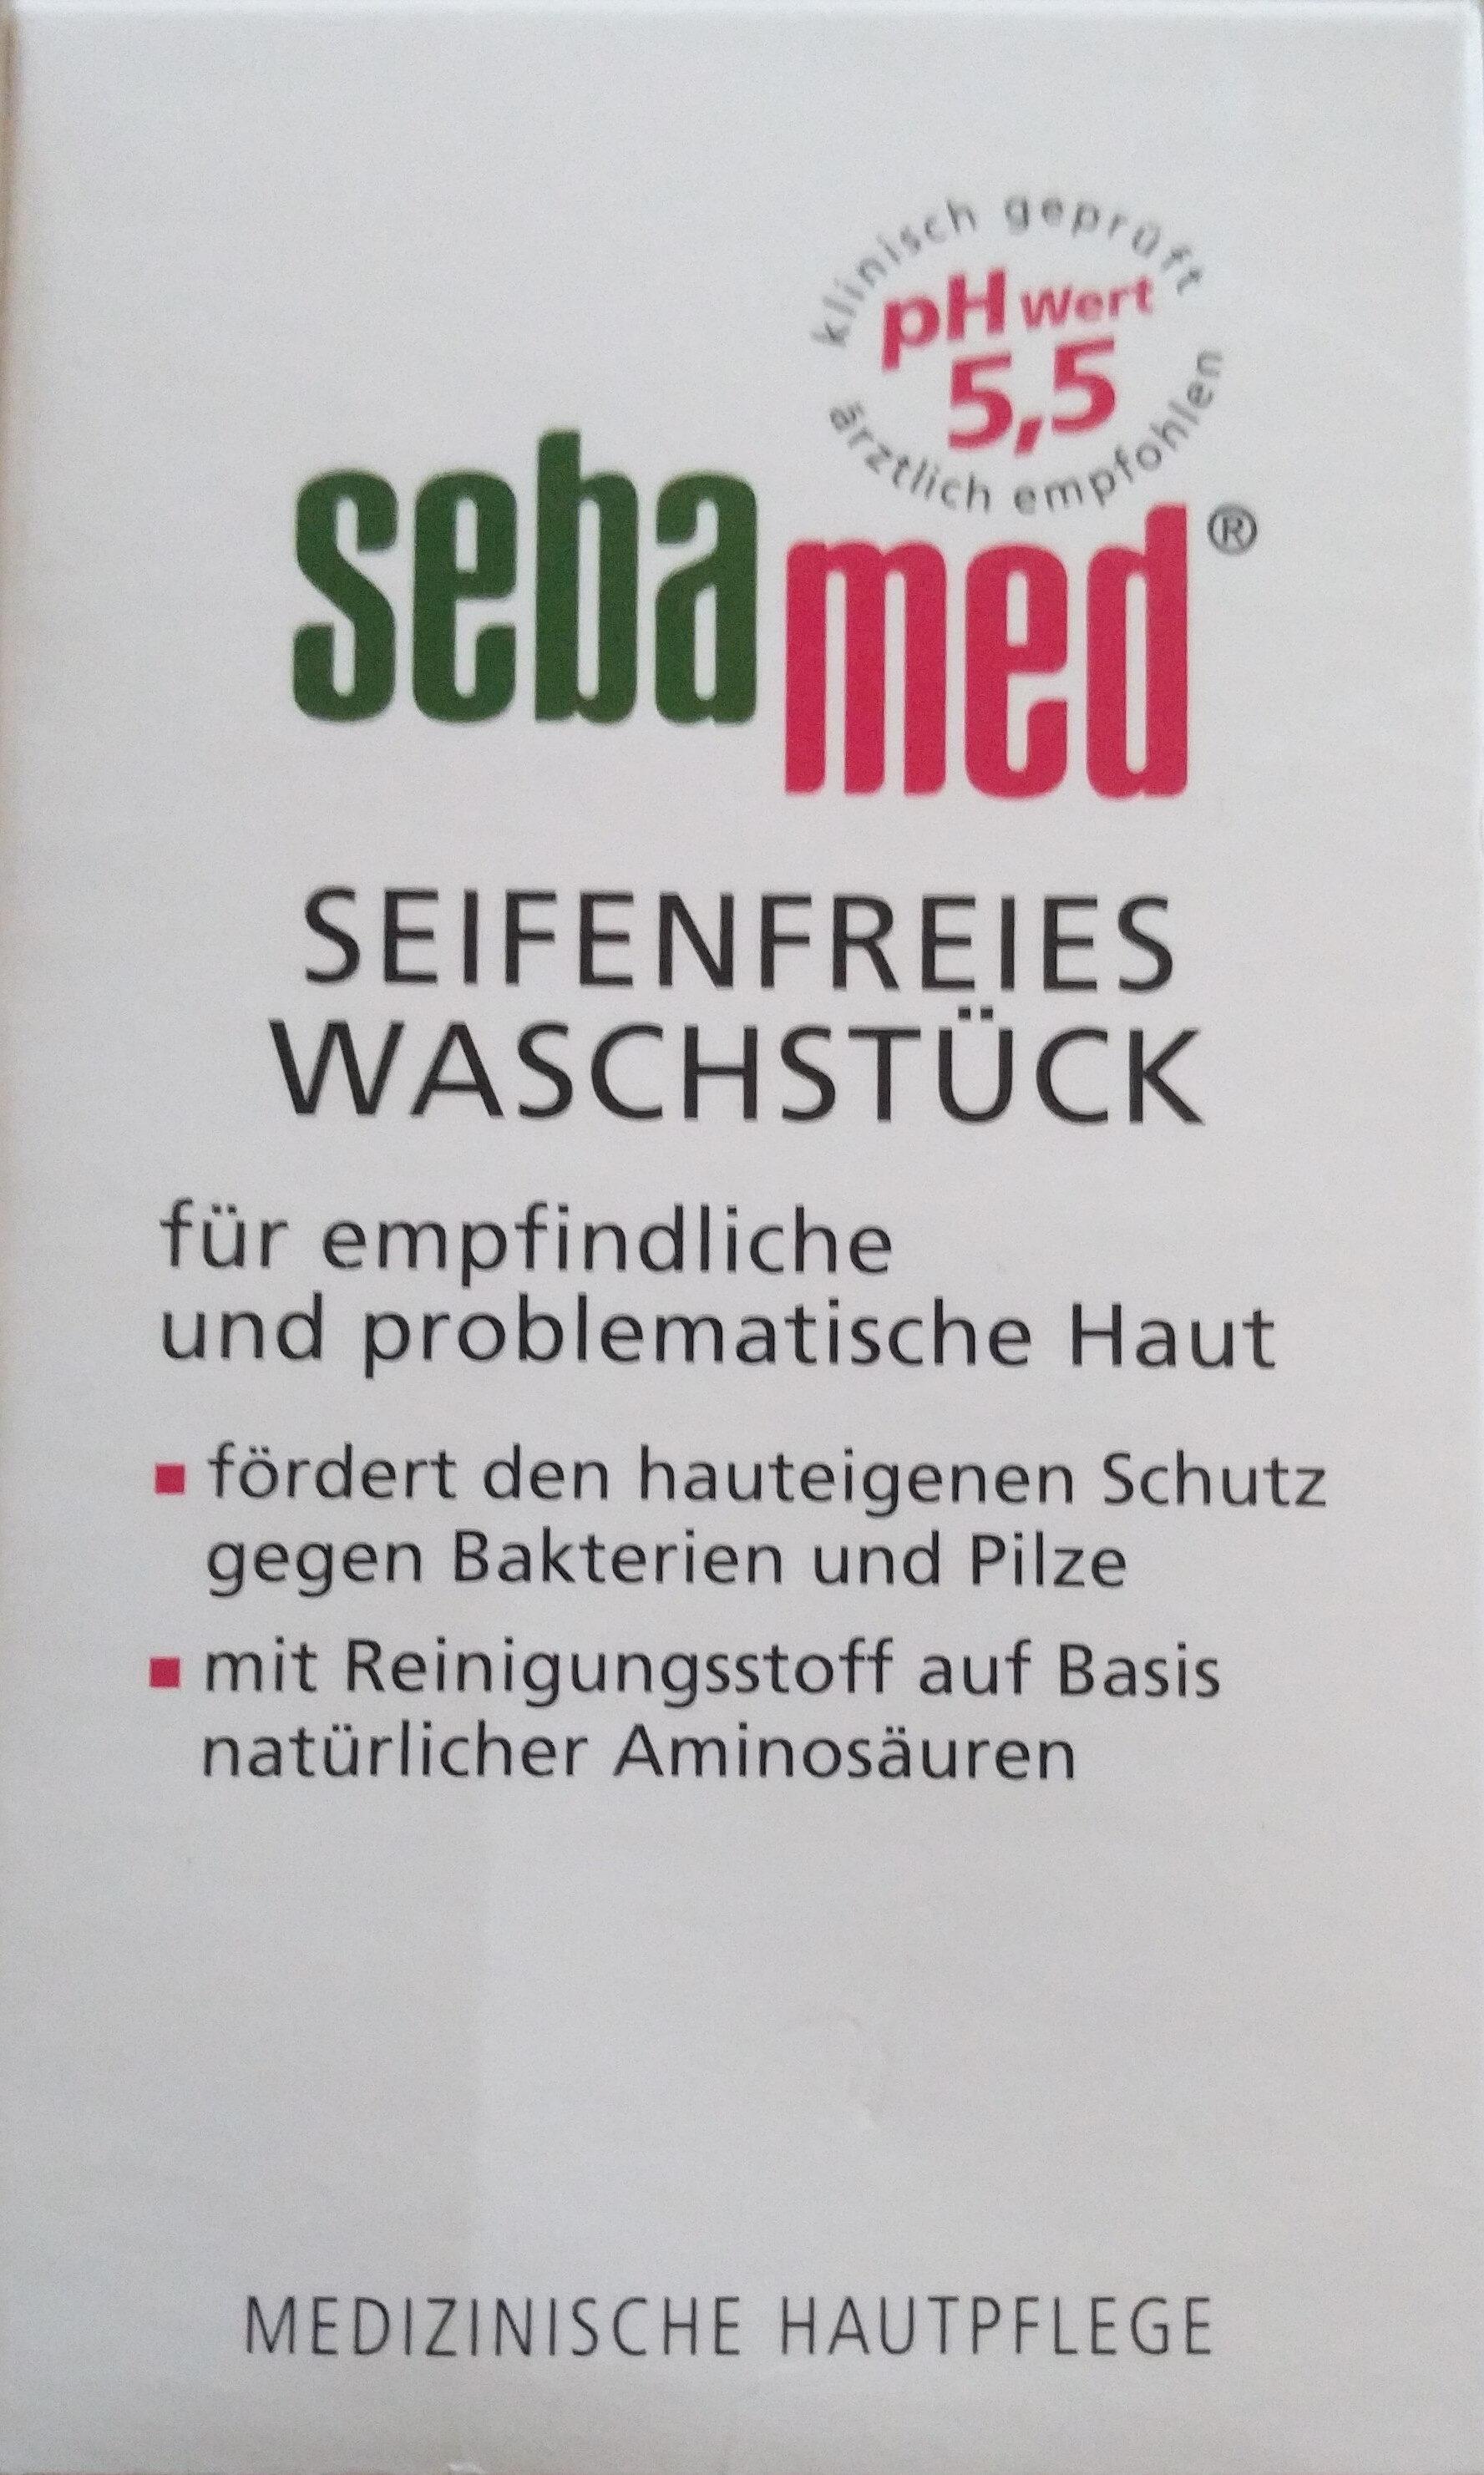 Seifenfreies Waschstück - Produit - de